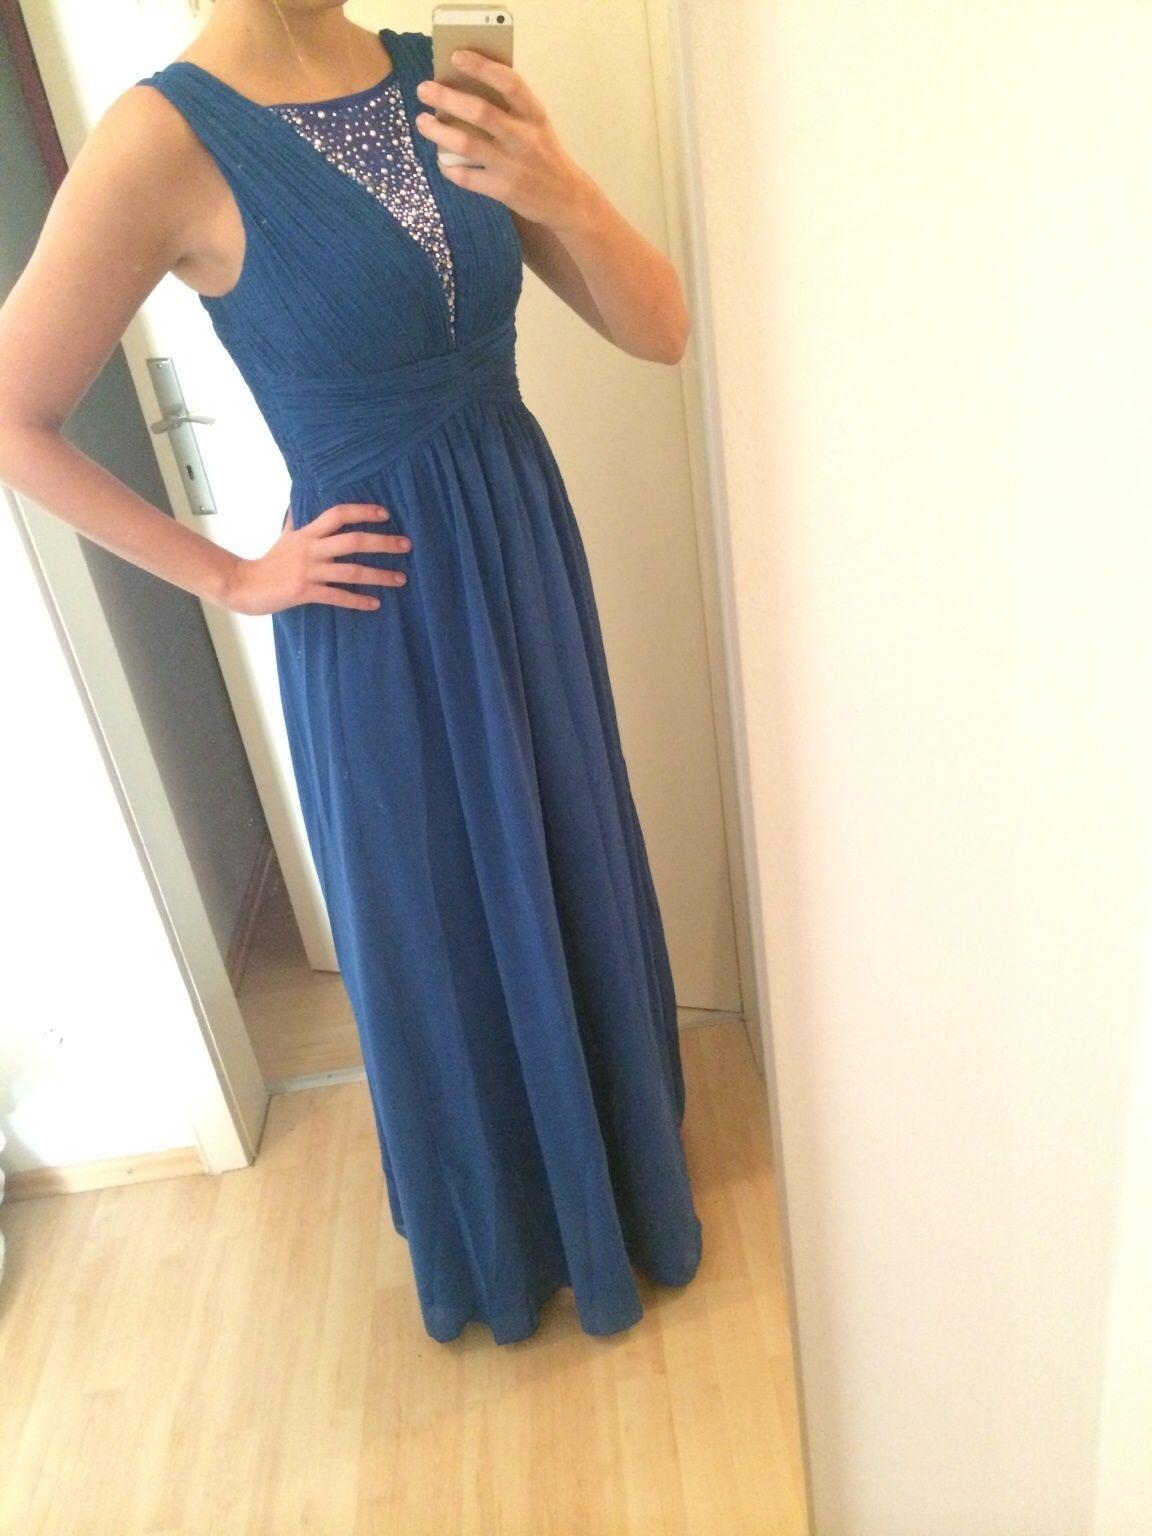 17 Schön Abendkleid Blau Glitzer VertriebFormal Top Abendkleid Blau Glitzer Boutique